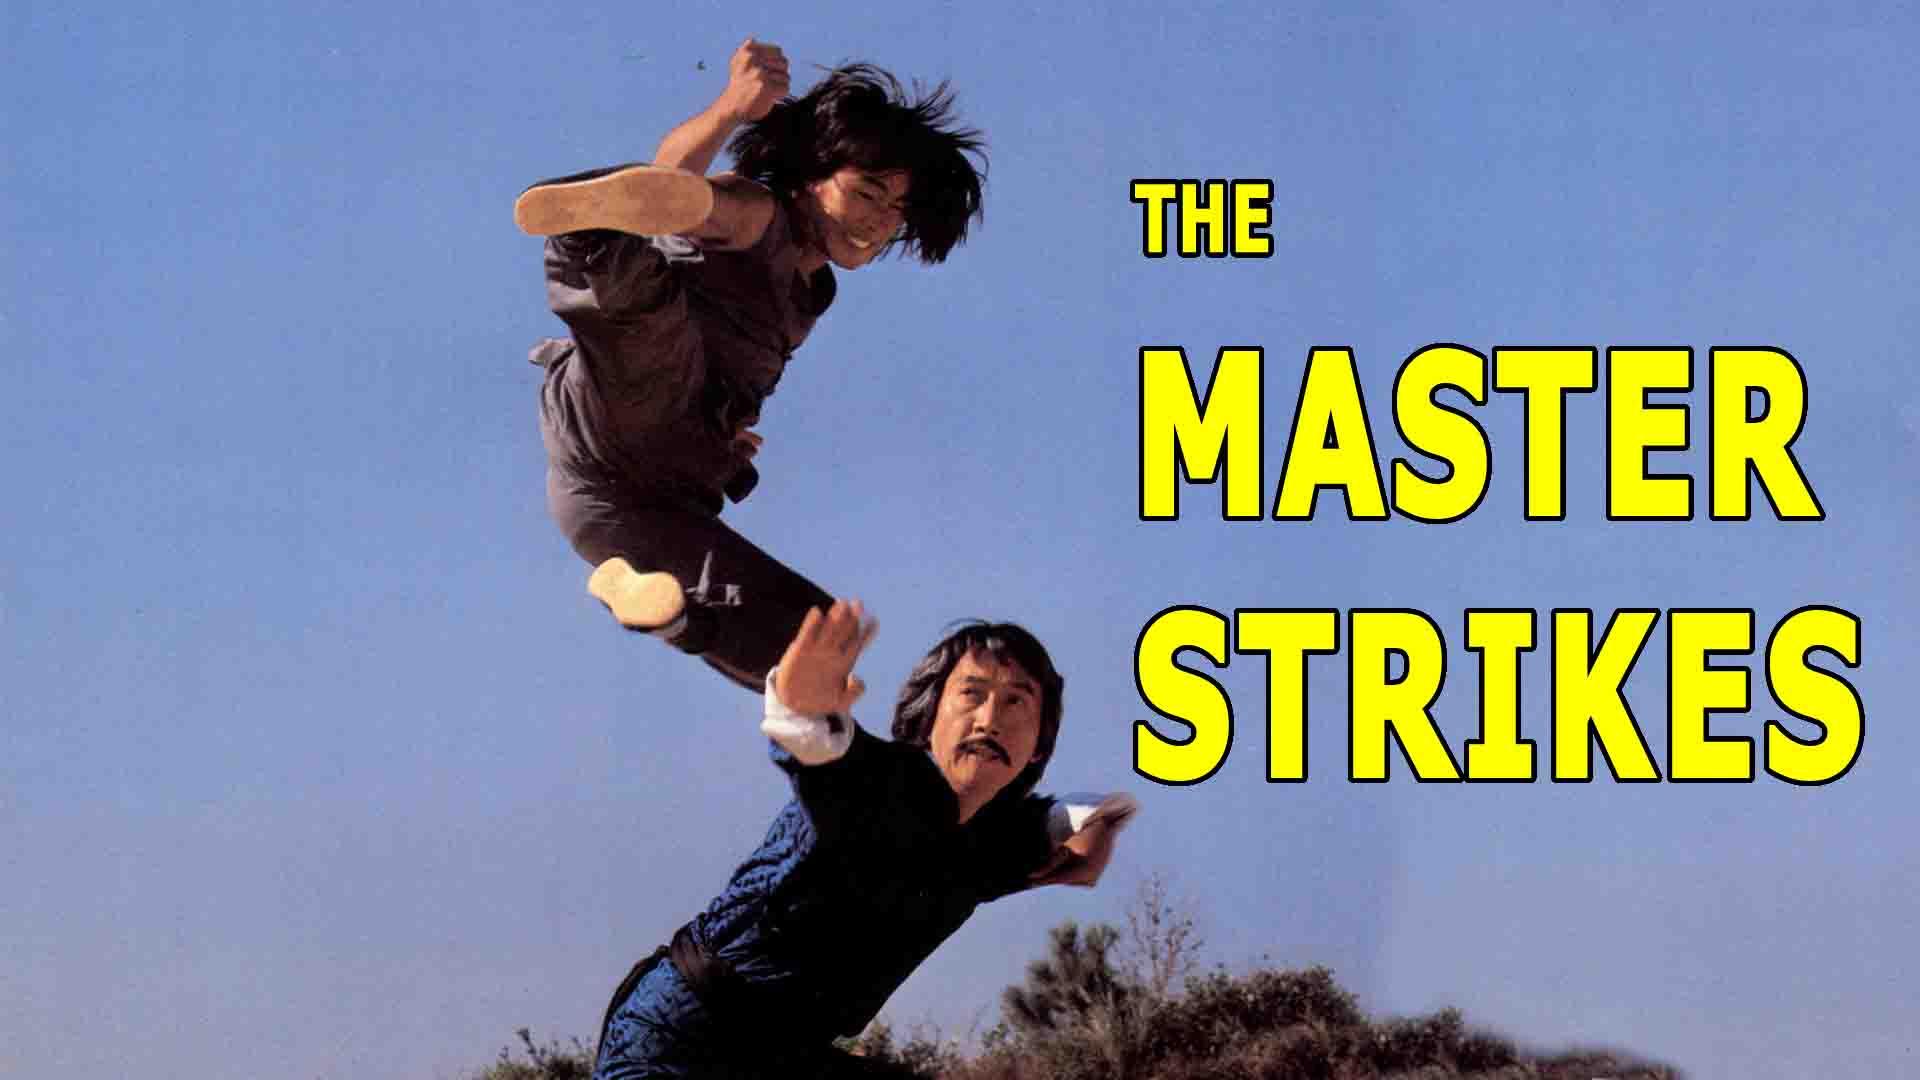 The Master Strikes